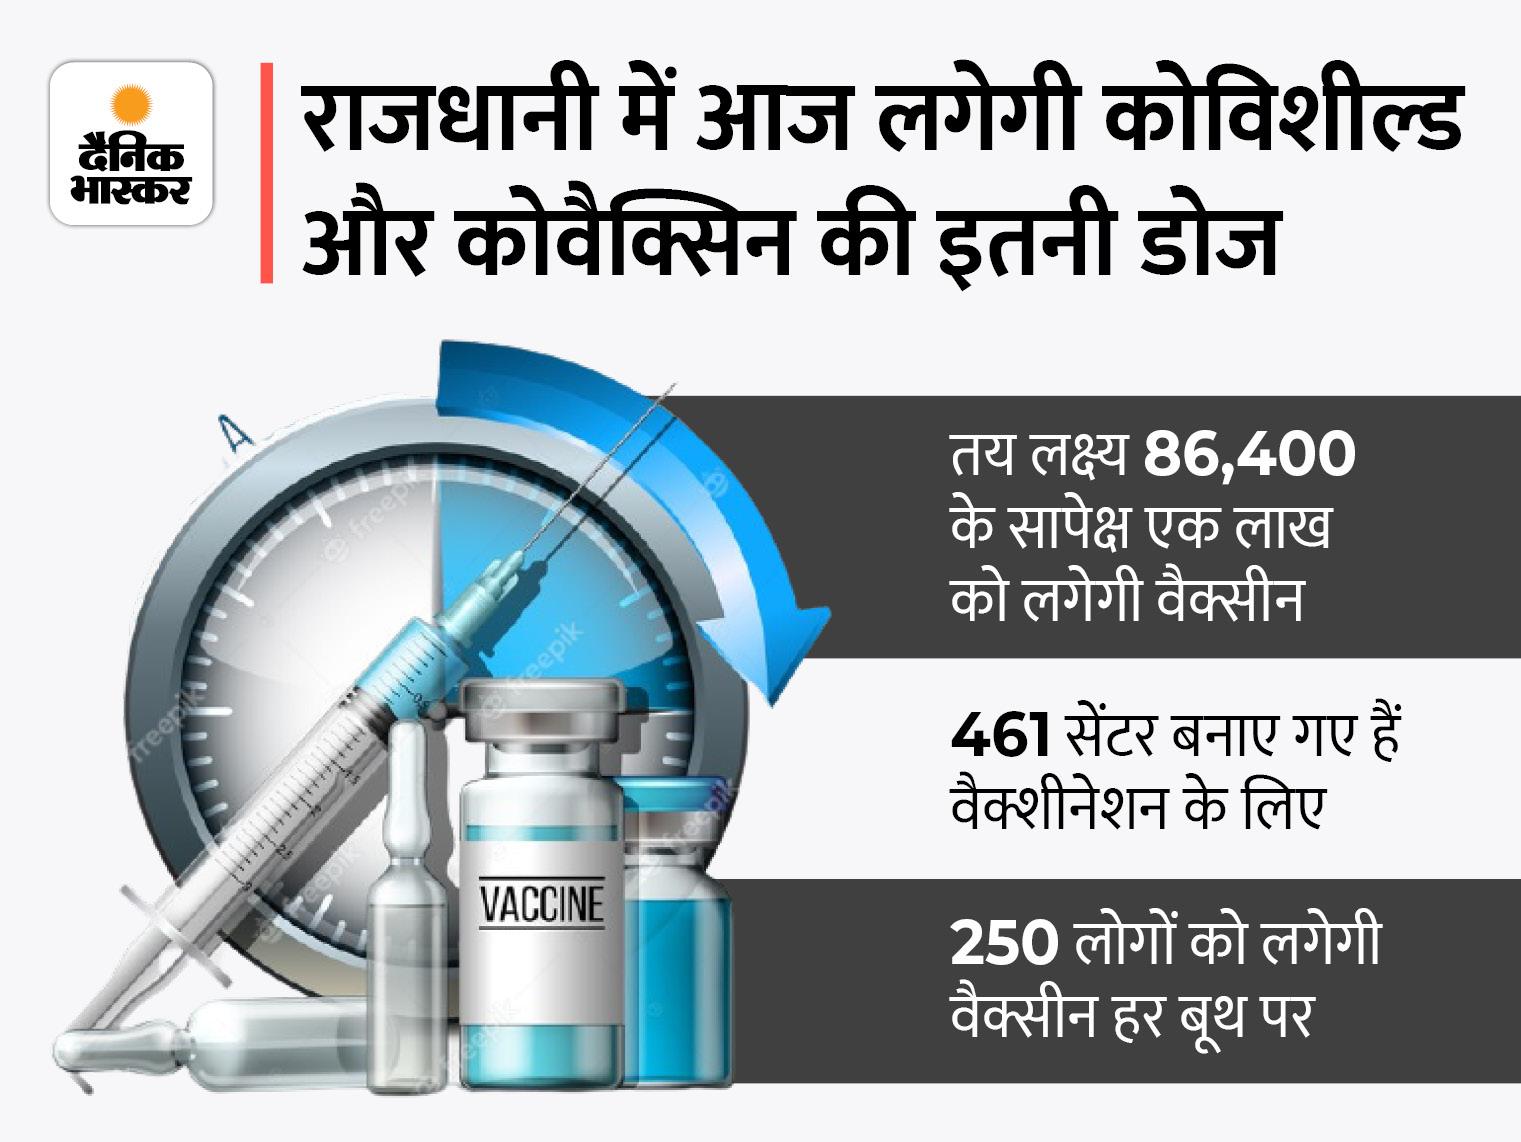 लखनऊ में 461 बूथों पर एक लाख लोगों को टीका लगाने का टारगेट, डेंगू की रोकथाम के लिए कंट्रोल कमांड सेंटर एक्टिव लखनऊ,Lucknow - Dainik Bhaskar